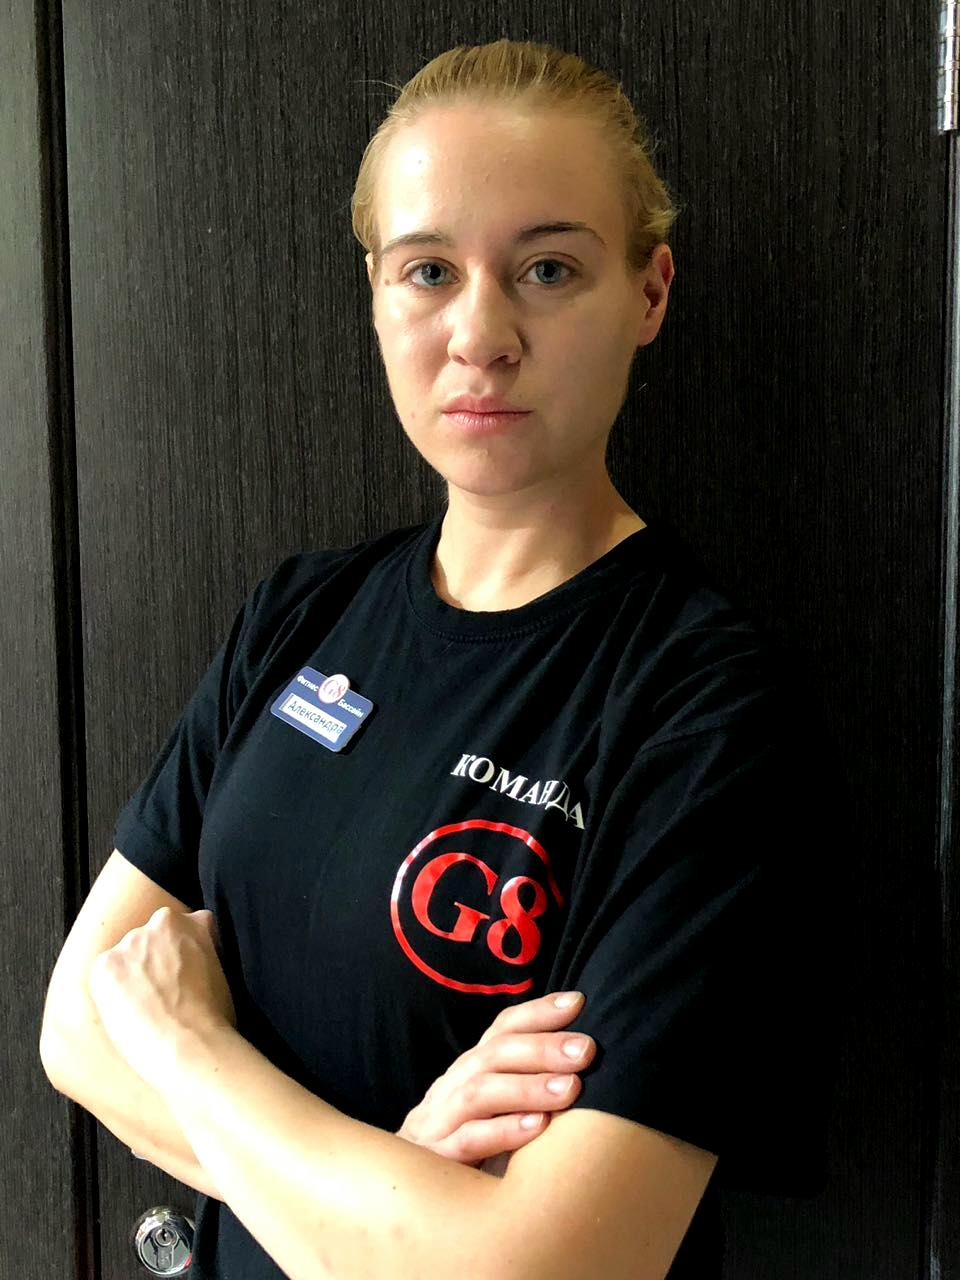 Команда G8: АЛЕКСАНДРА ПУШКИНА